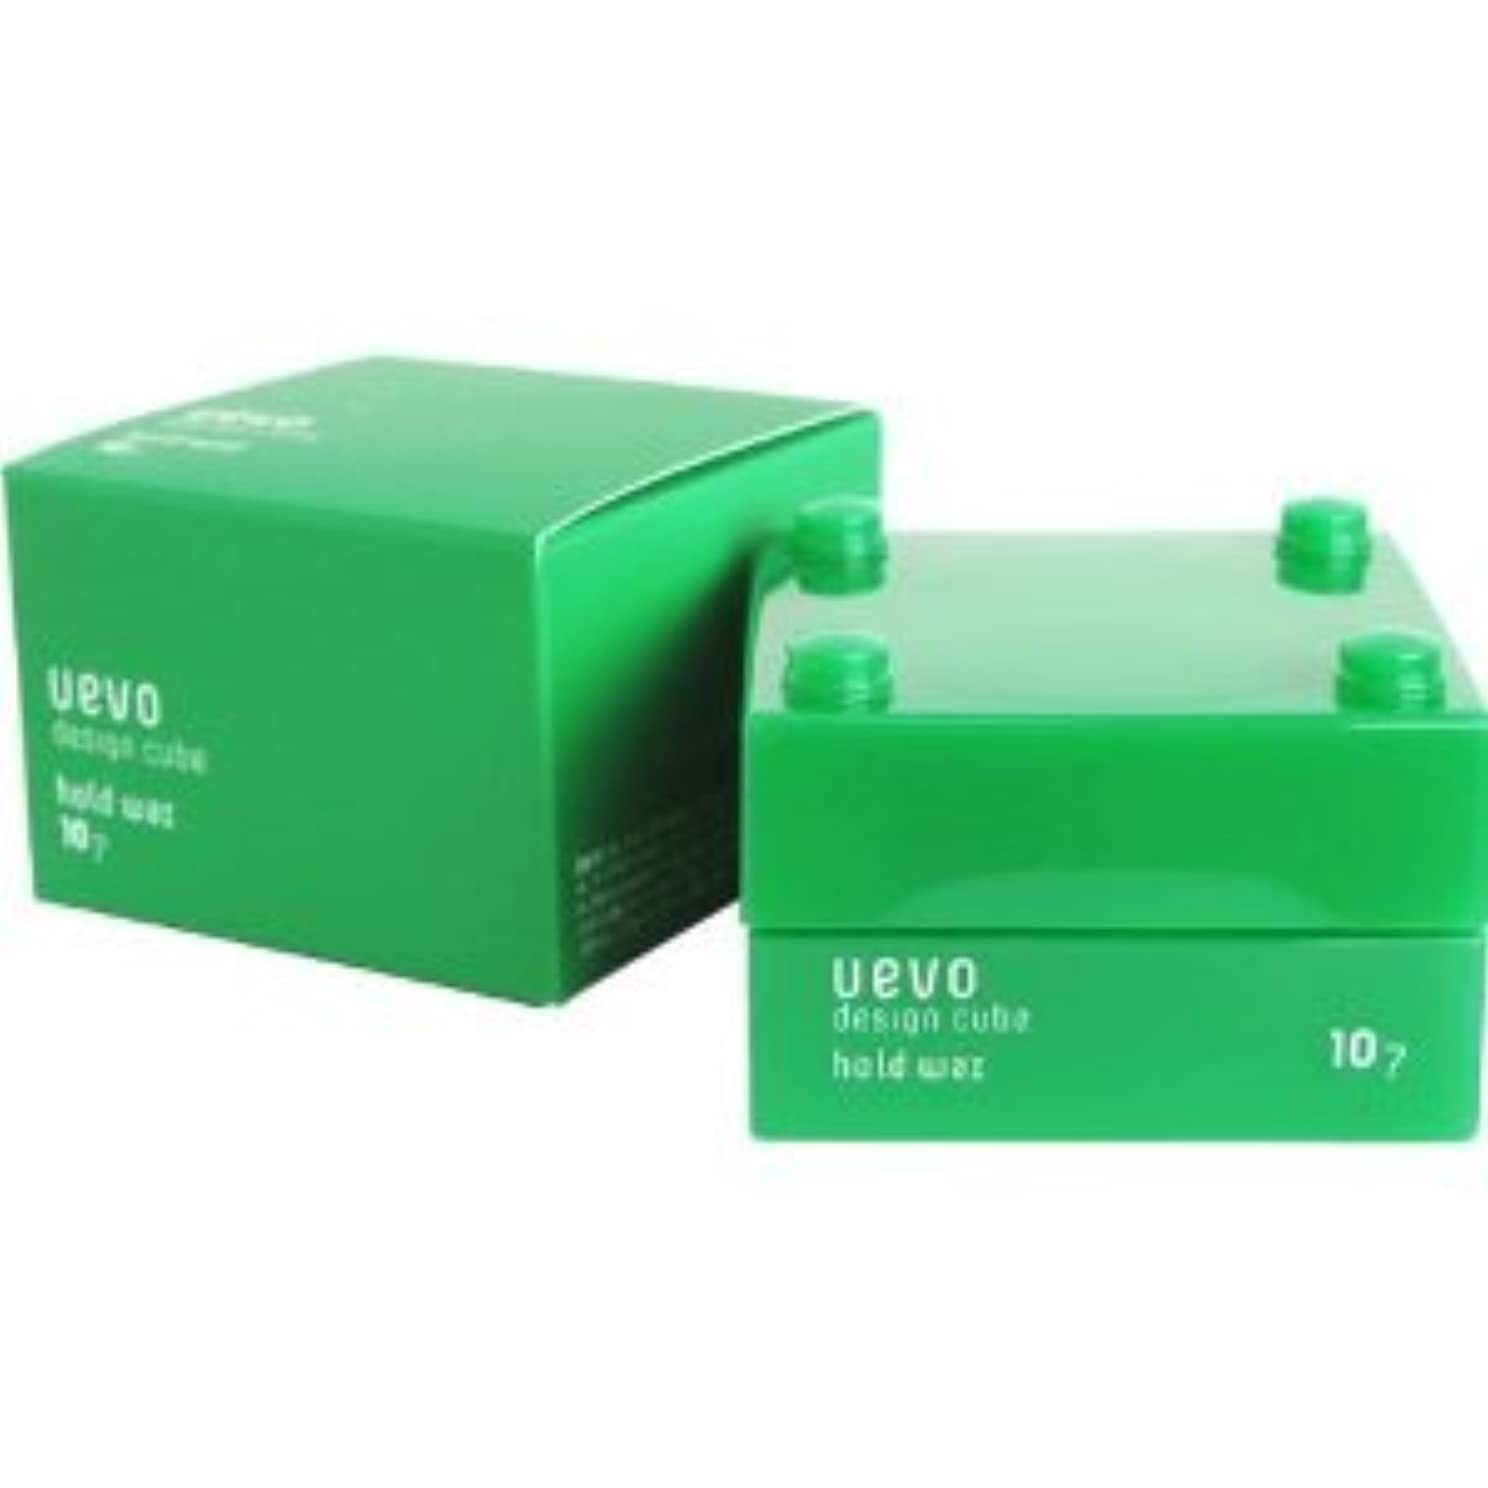 六月受信ネックレス【X2個セット】 デミ ウェーボ デザインキューブ ホールドワックス 30g hold wax